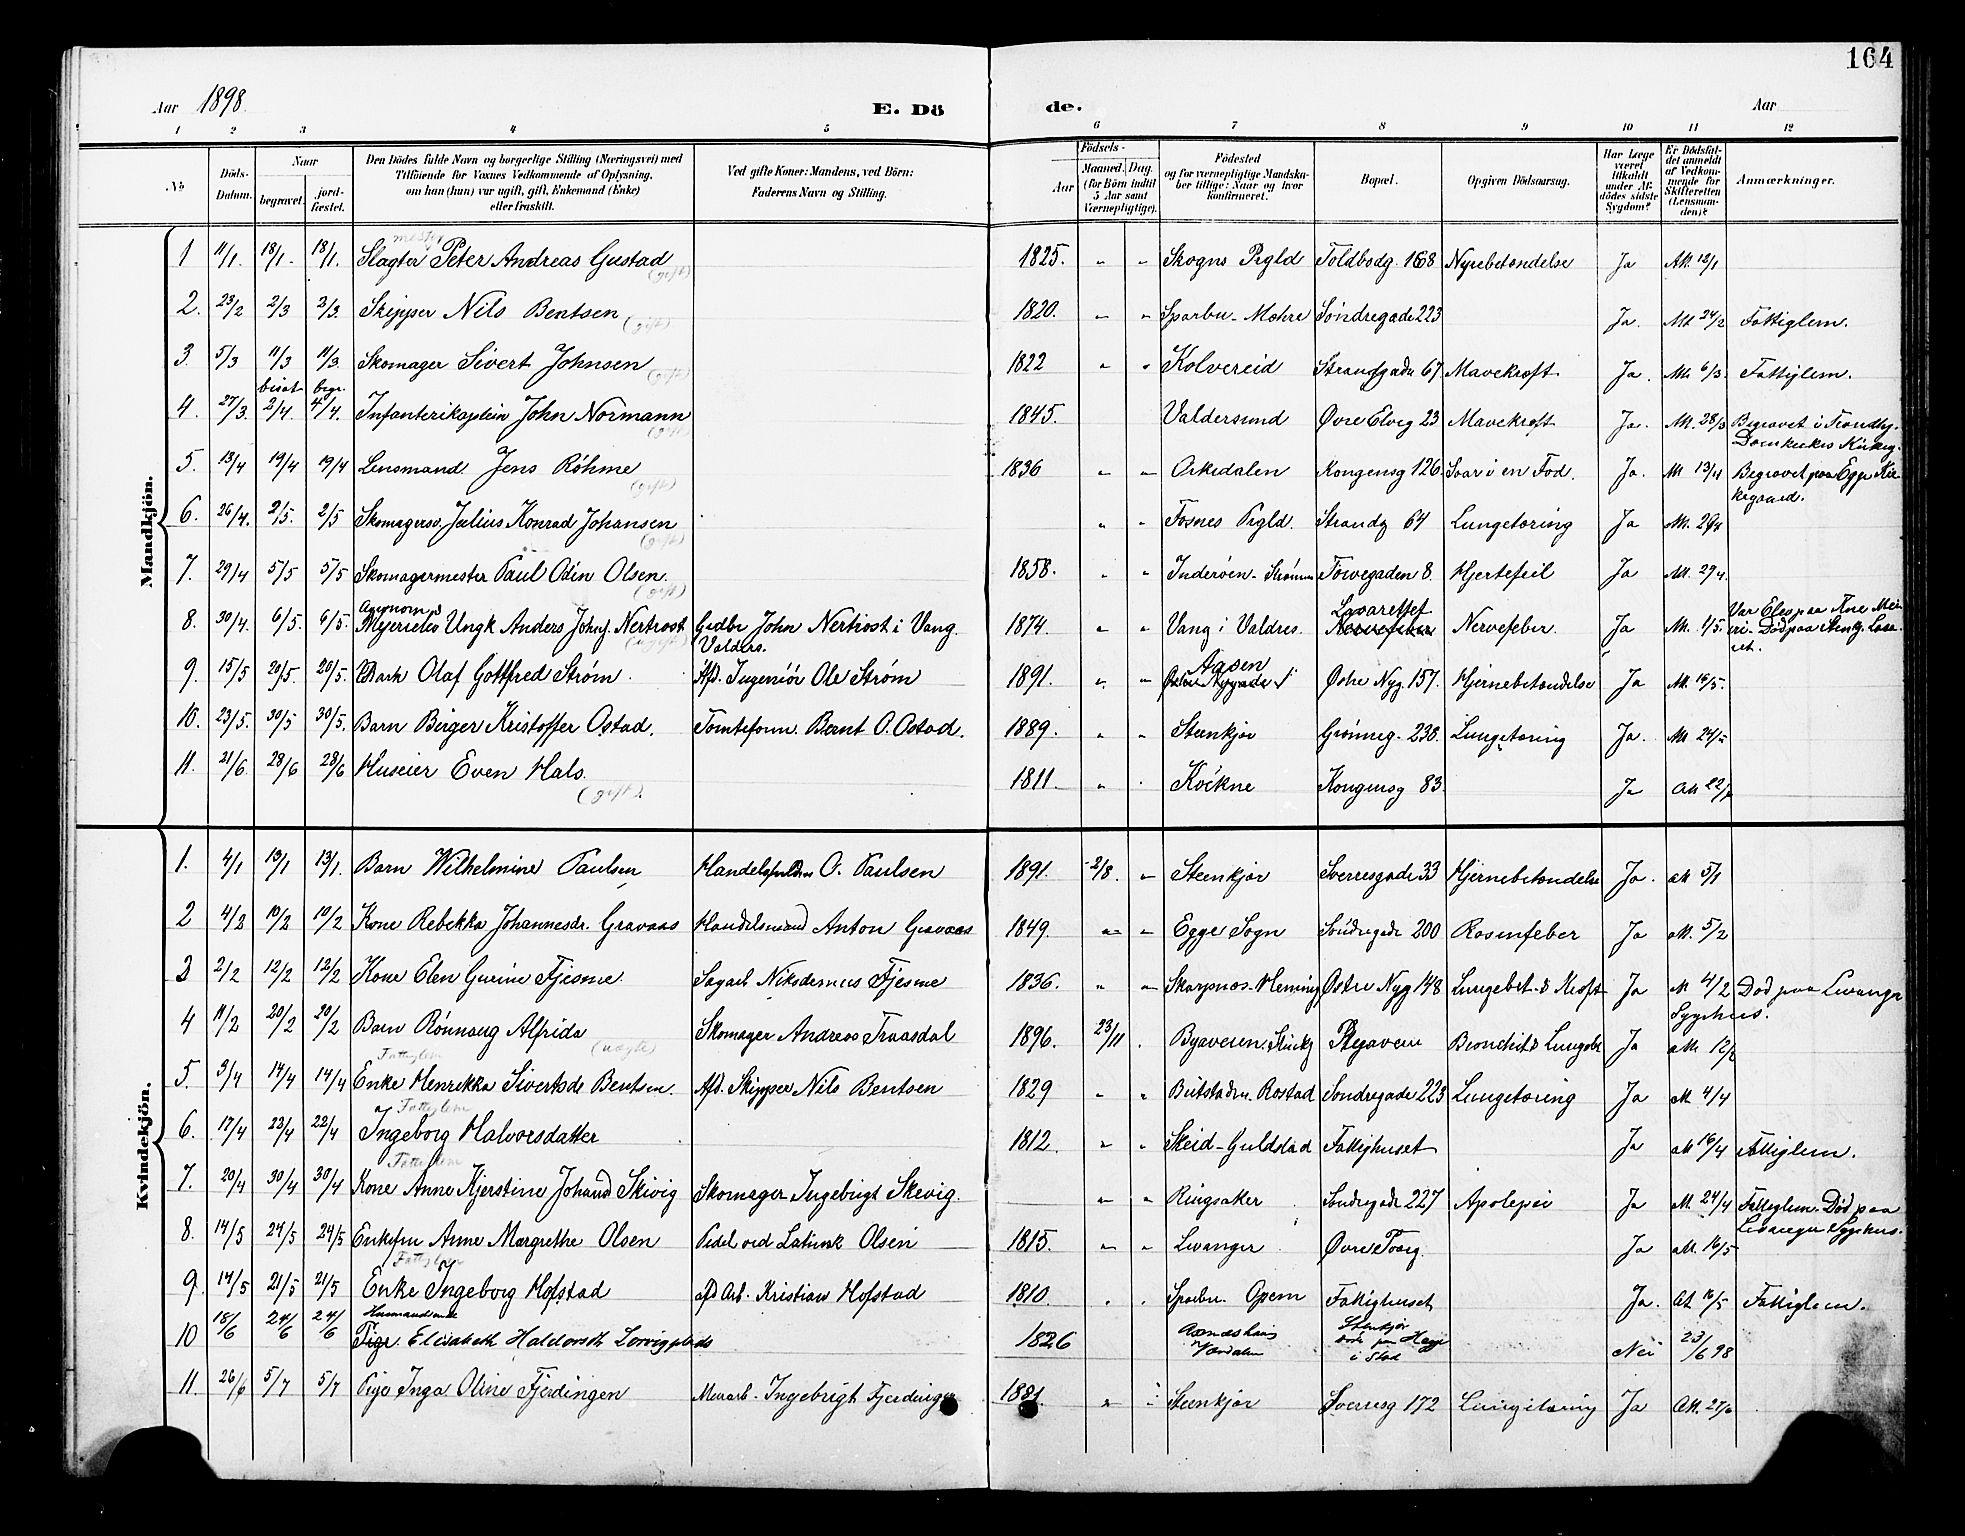 SAT, Ministerialprotokoller, klokkerbøker og fødselsregistre - Nord-Trøndelag, 739/L0375: Klokkerbok nr. 739C03, 1898-1908, s. 164